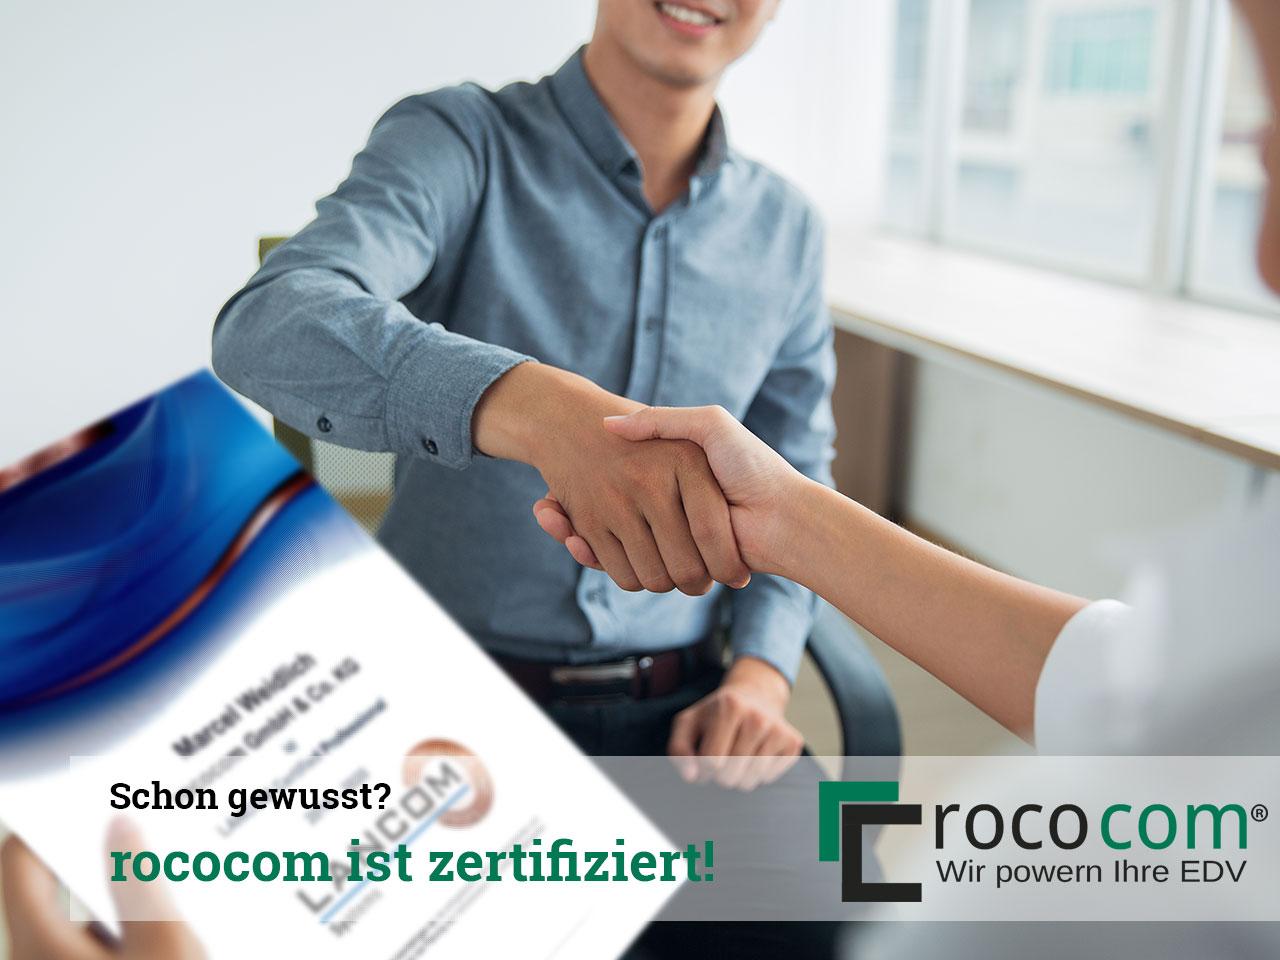 Schon gewusst? rococom ist zertifiziert für…